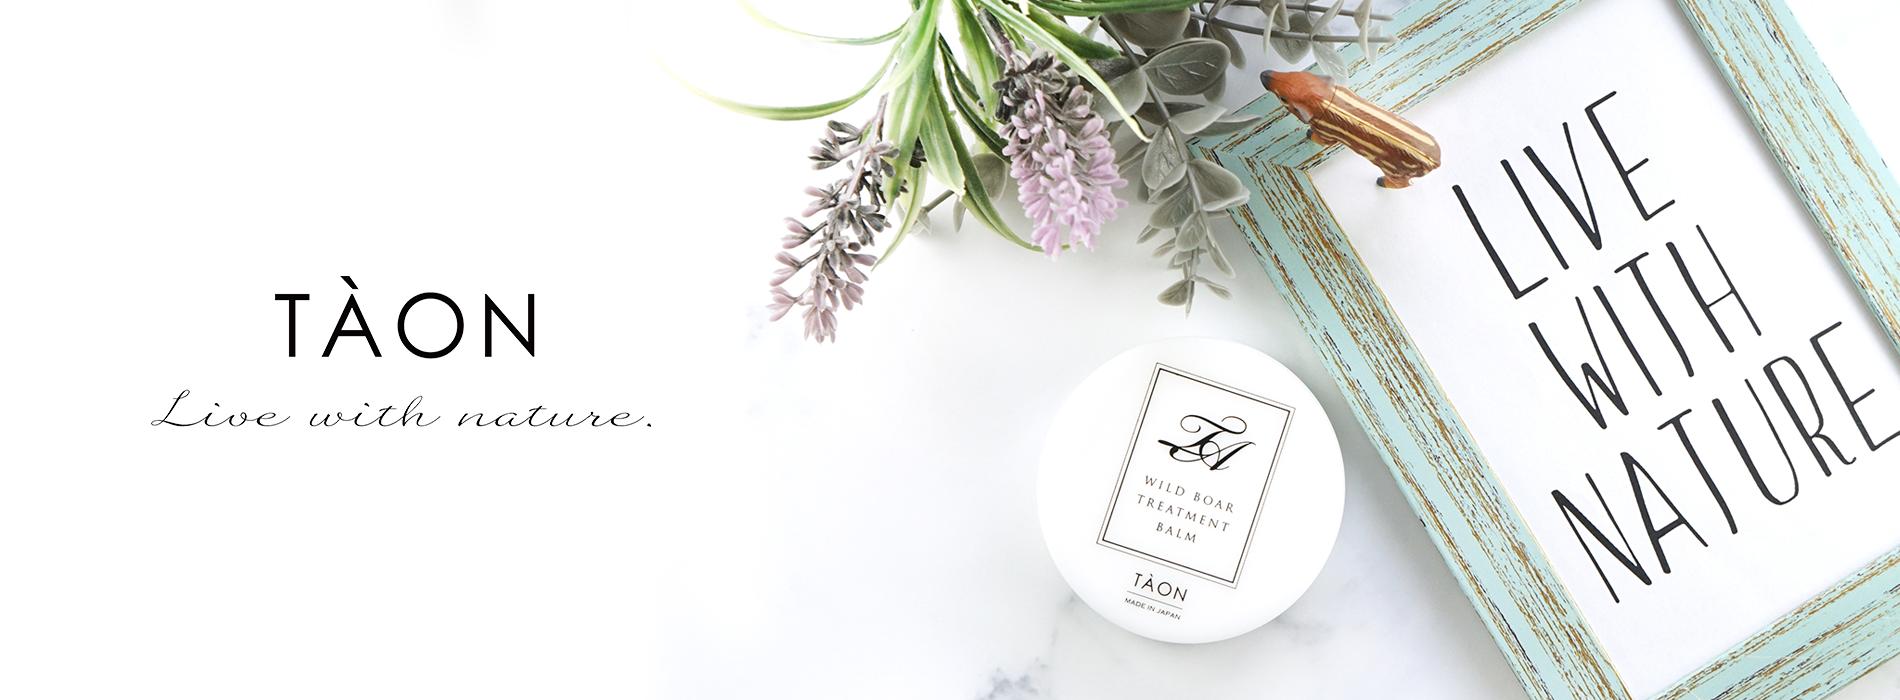 TAON|イノシシ脂保湿化粧品